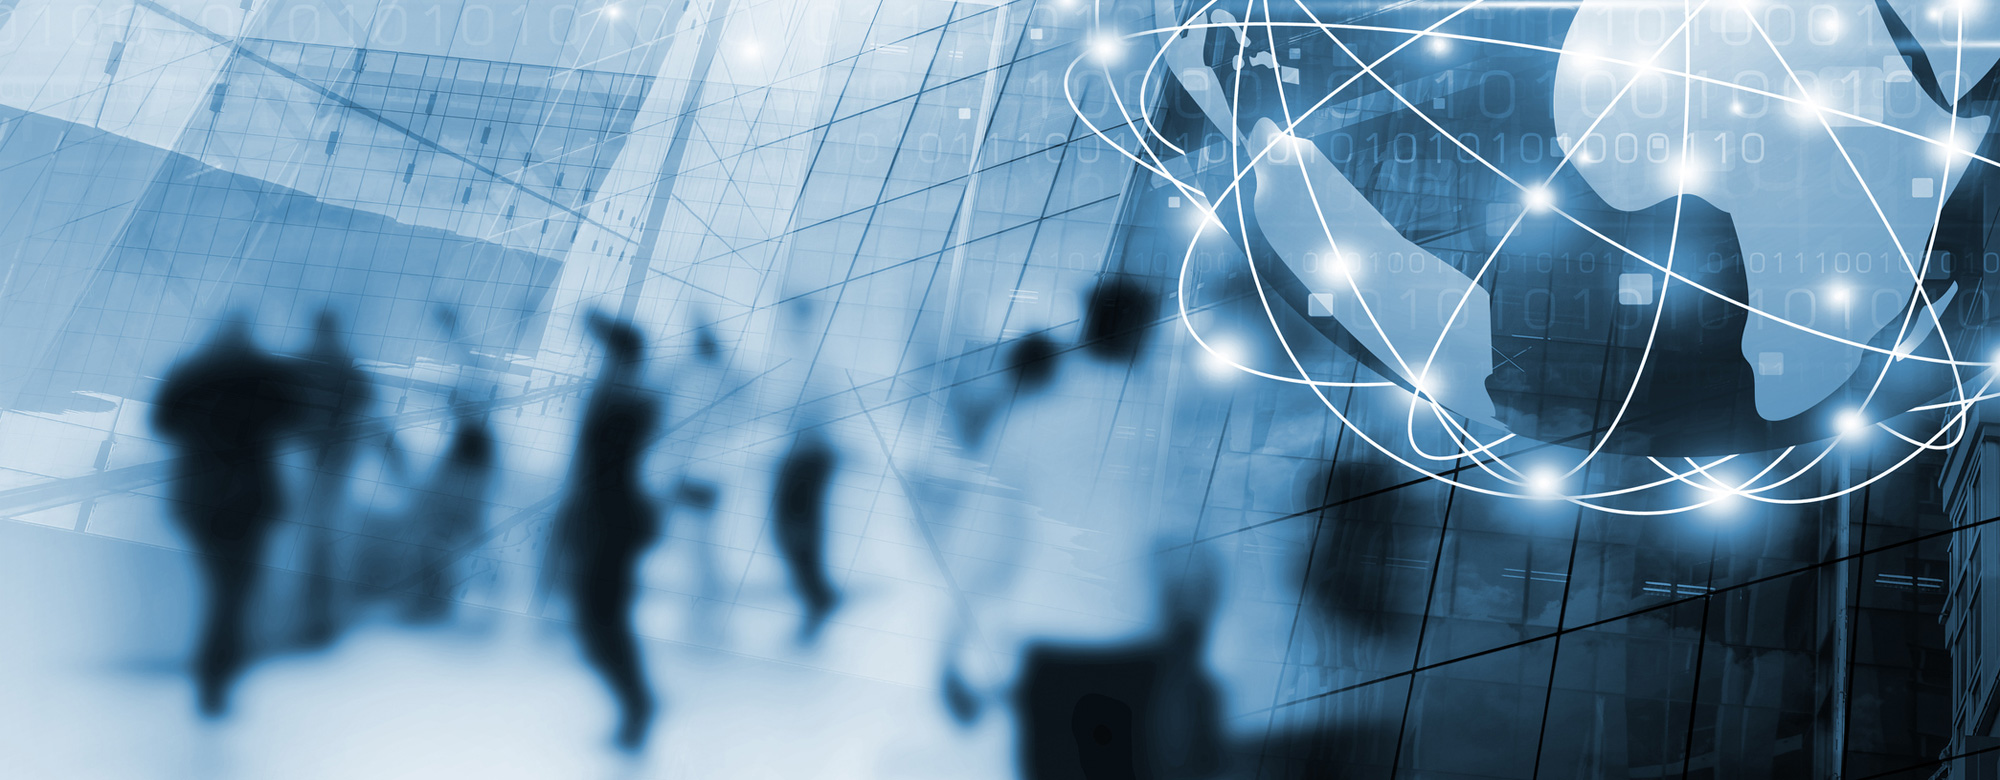 InBuyer 2020: incontri d'affari on-line gratuiti con buyer internazionali